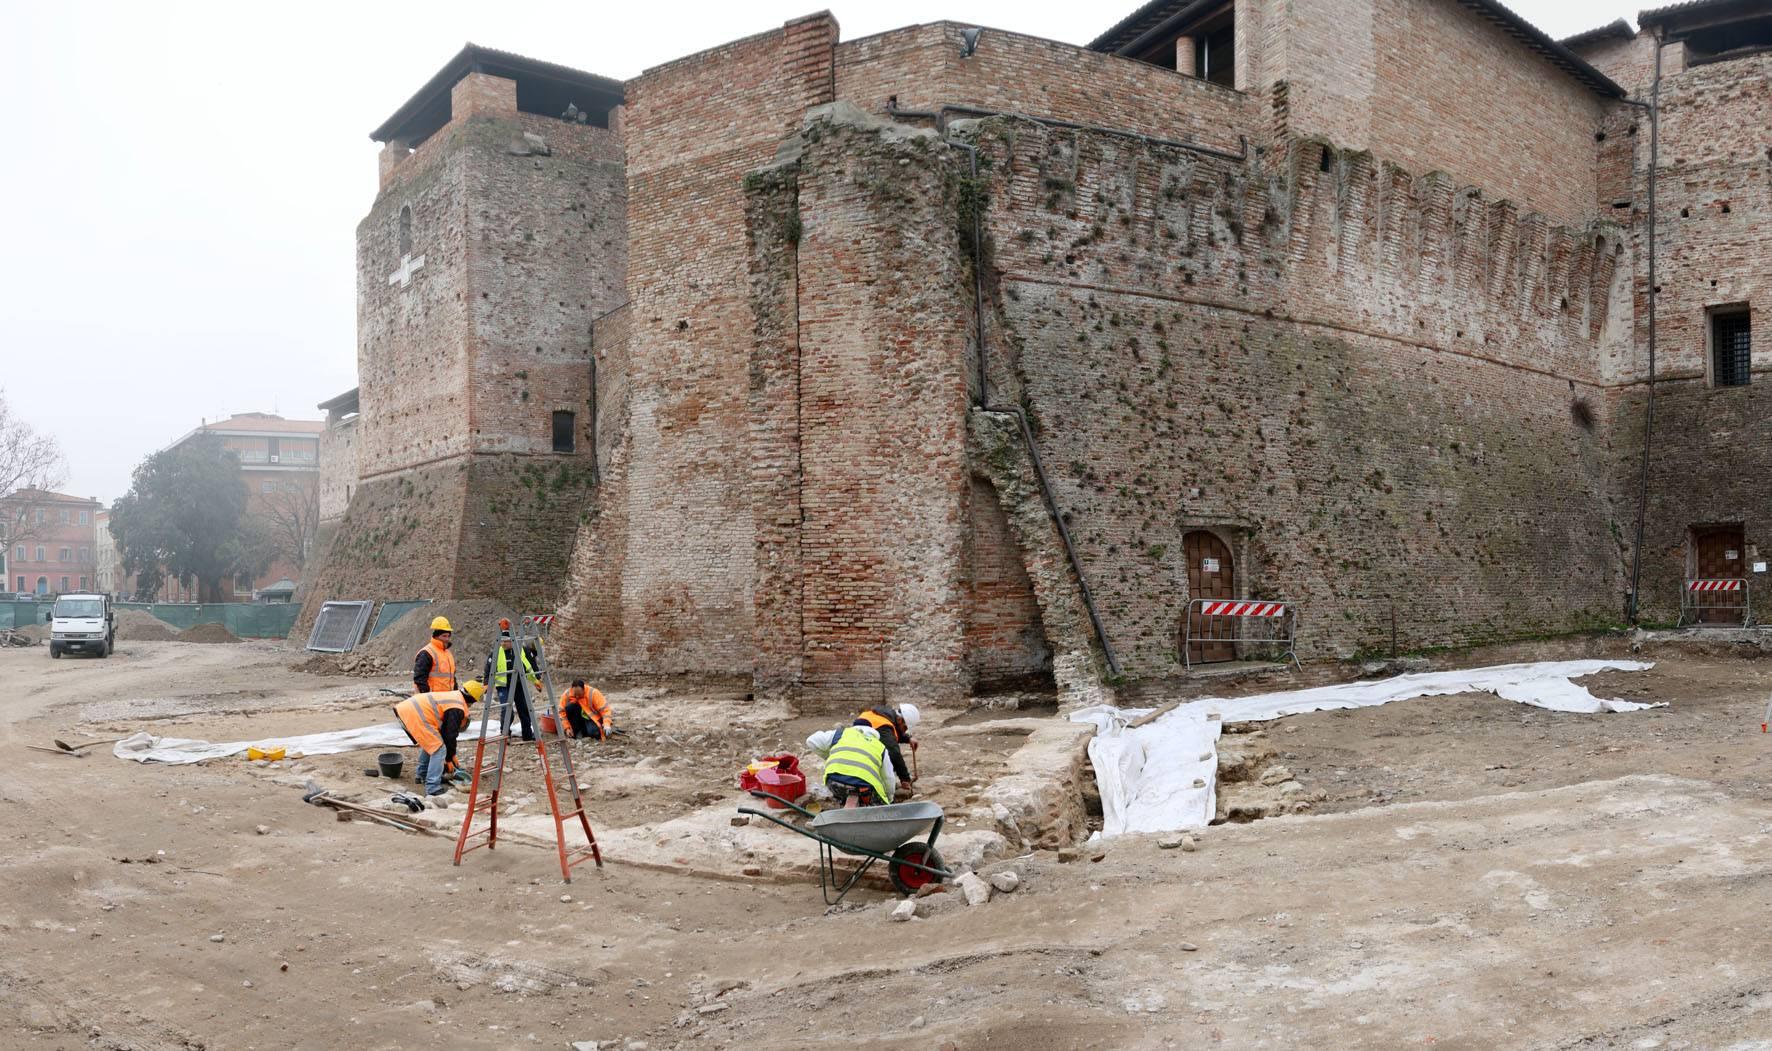 Bonifica e messa in sicurezza piazza malatesta, approvato progetto